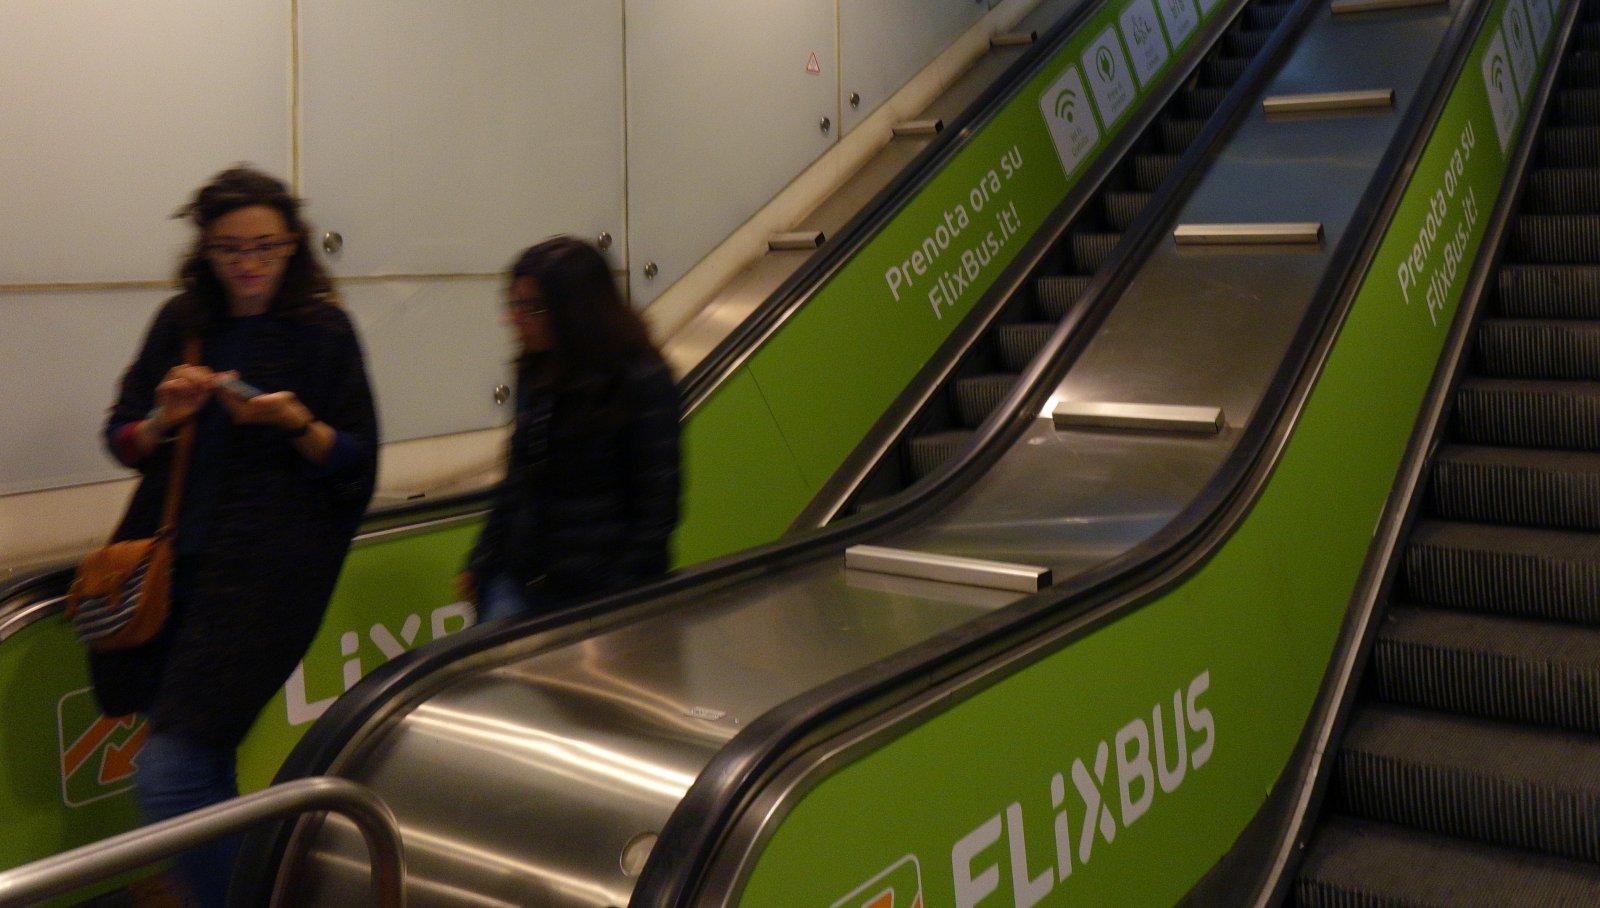 Pubblicità metropolitana per Flixbus IGPDecaux station domination a Napoli